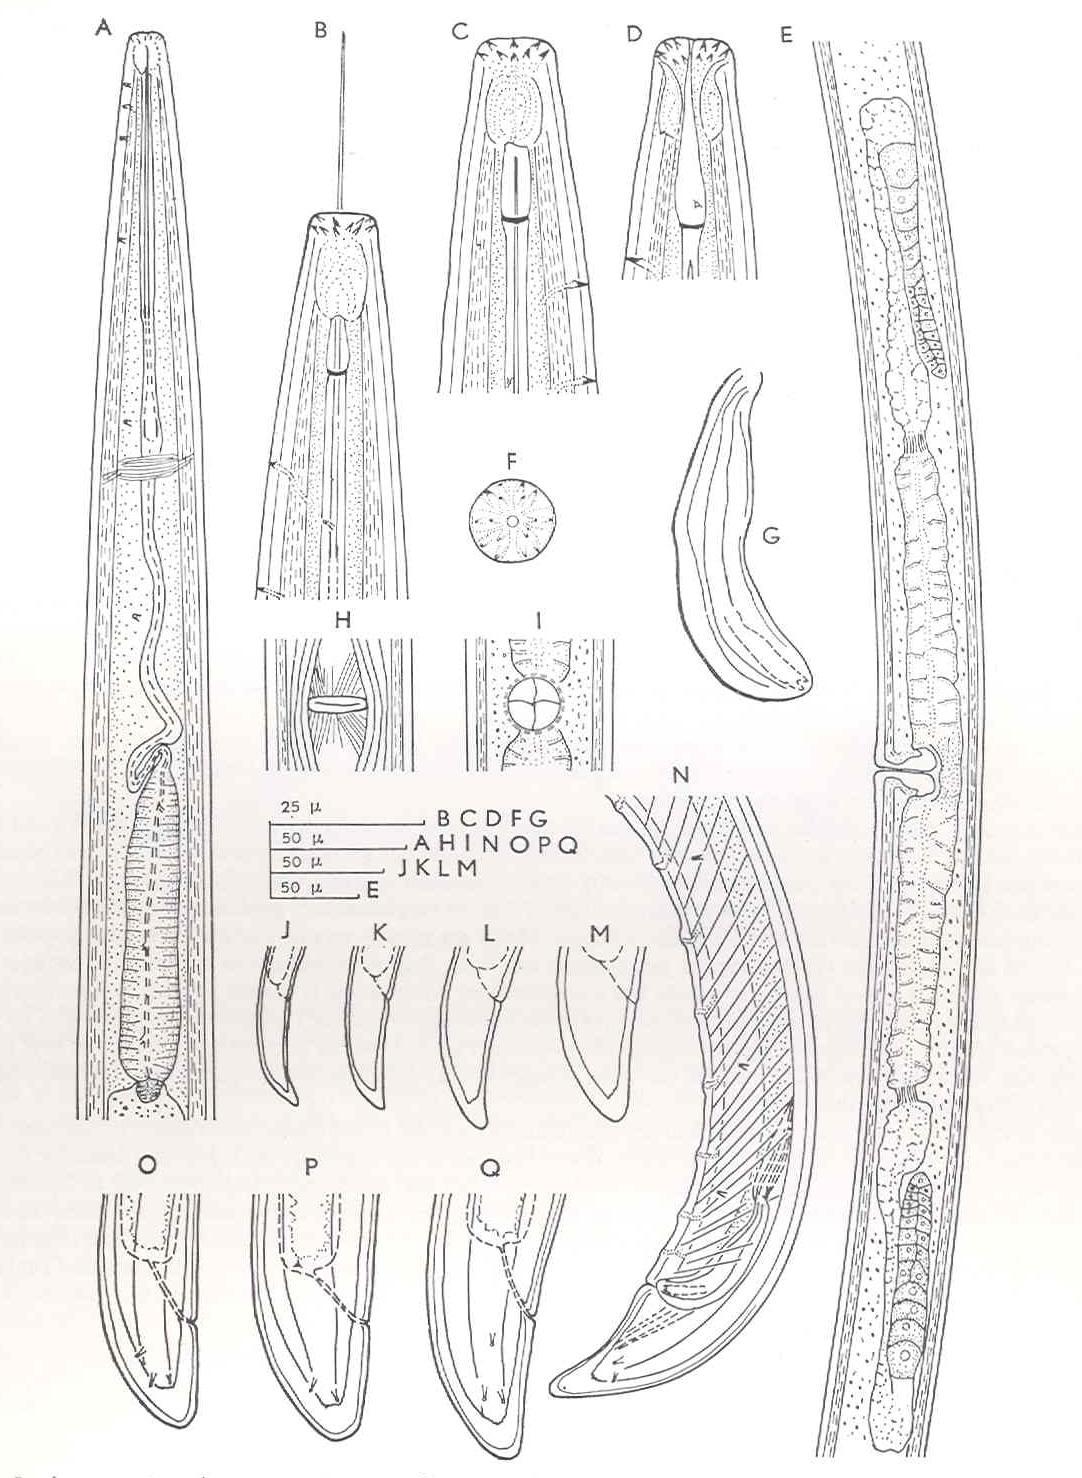 Longidorus elongatus